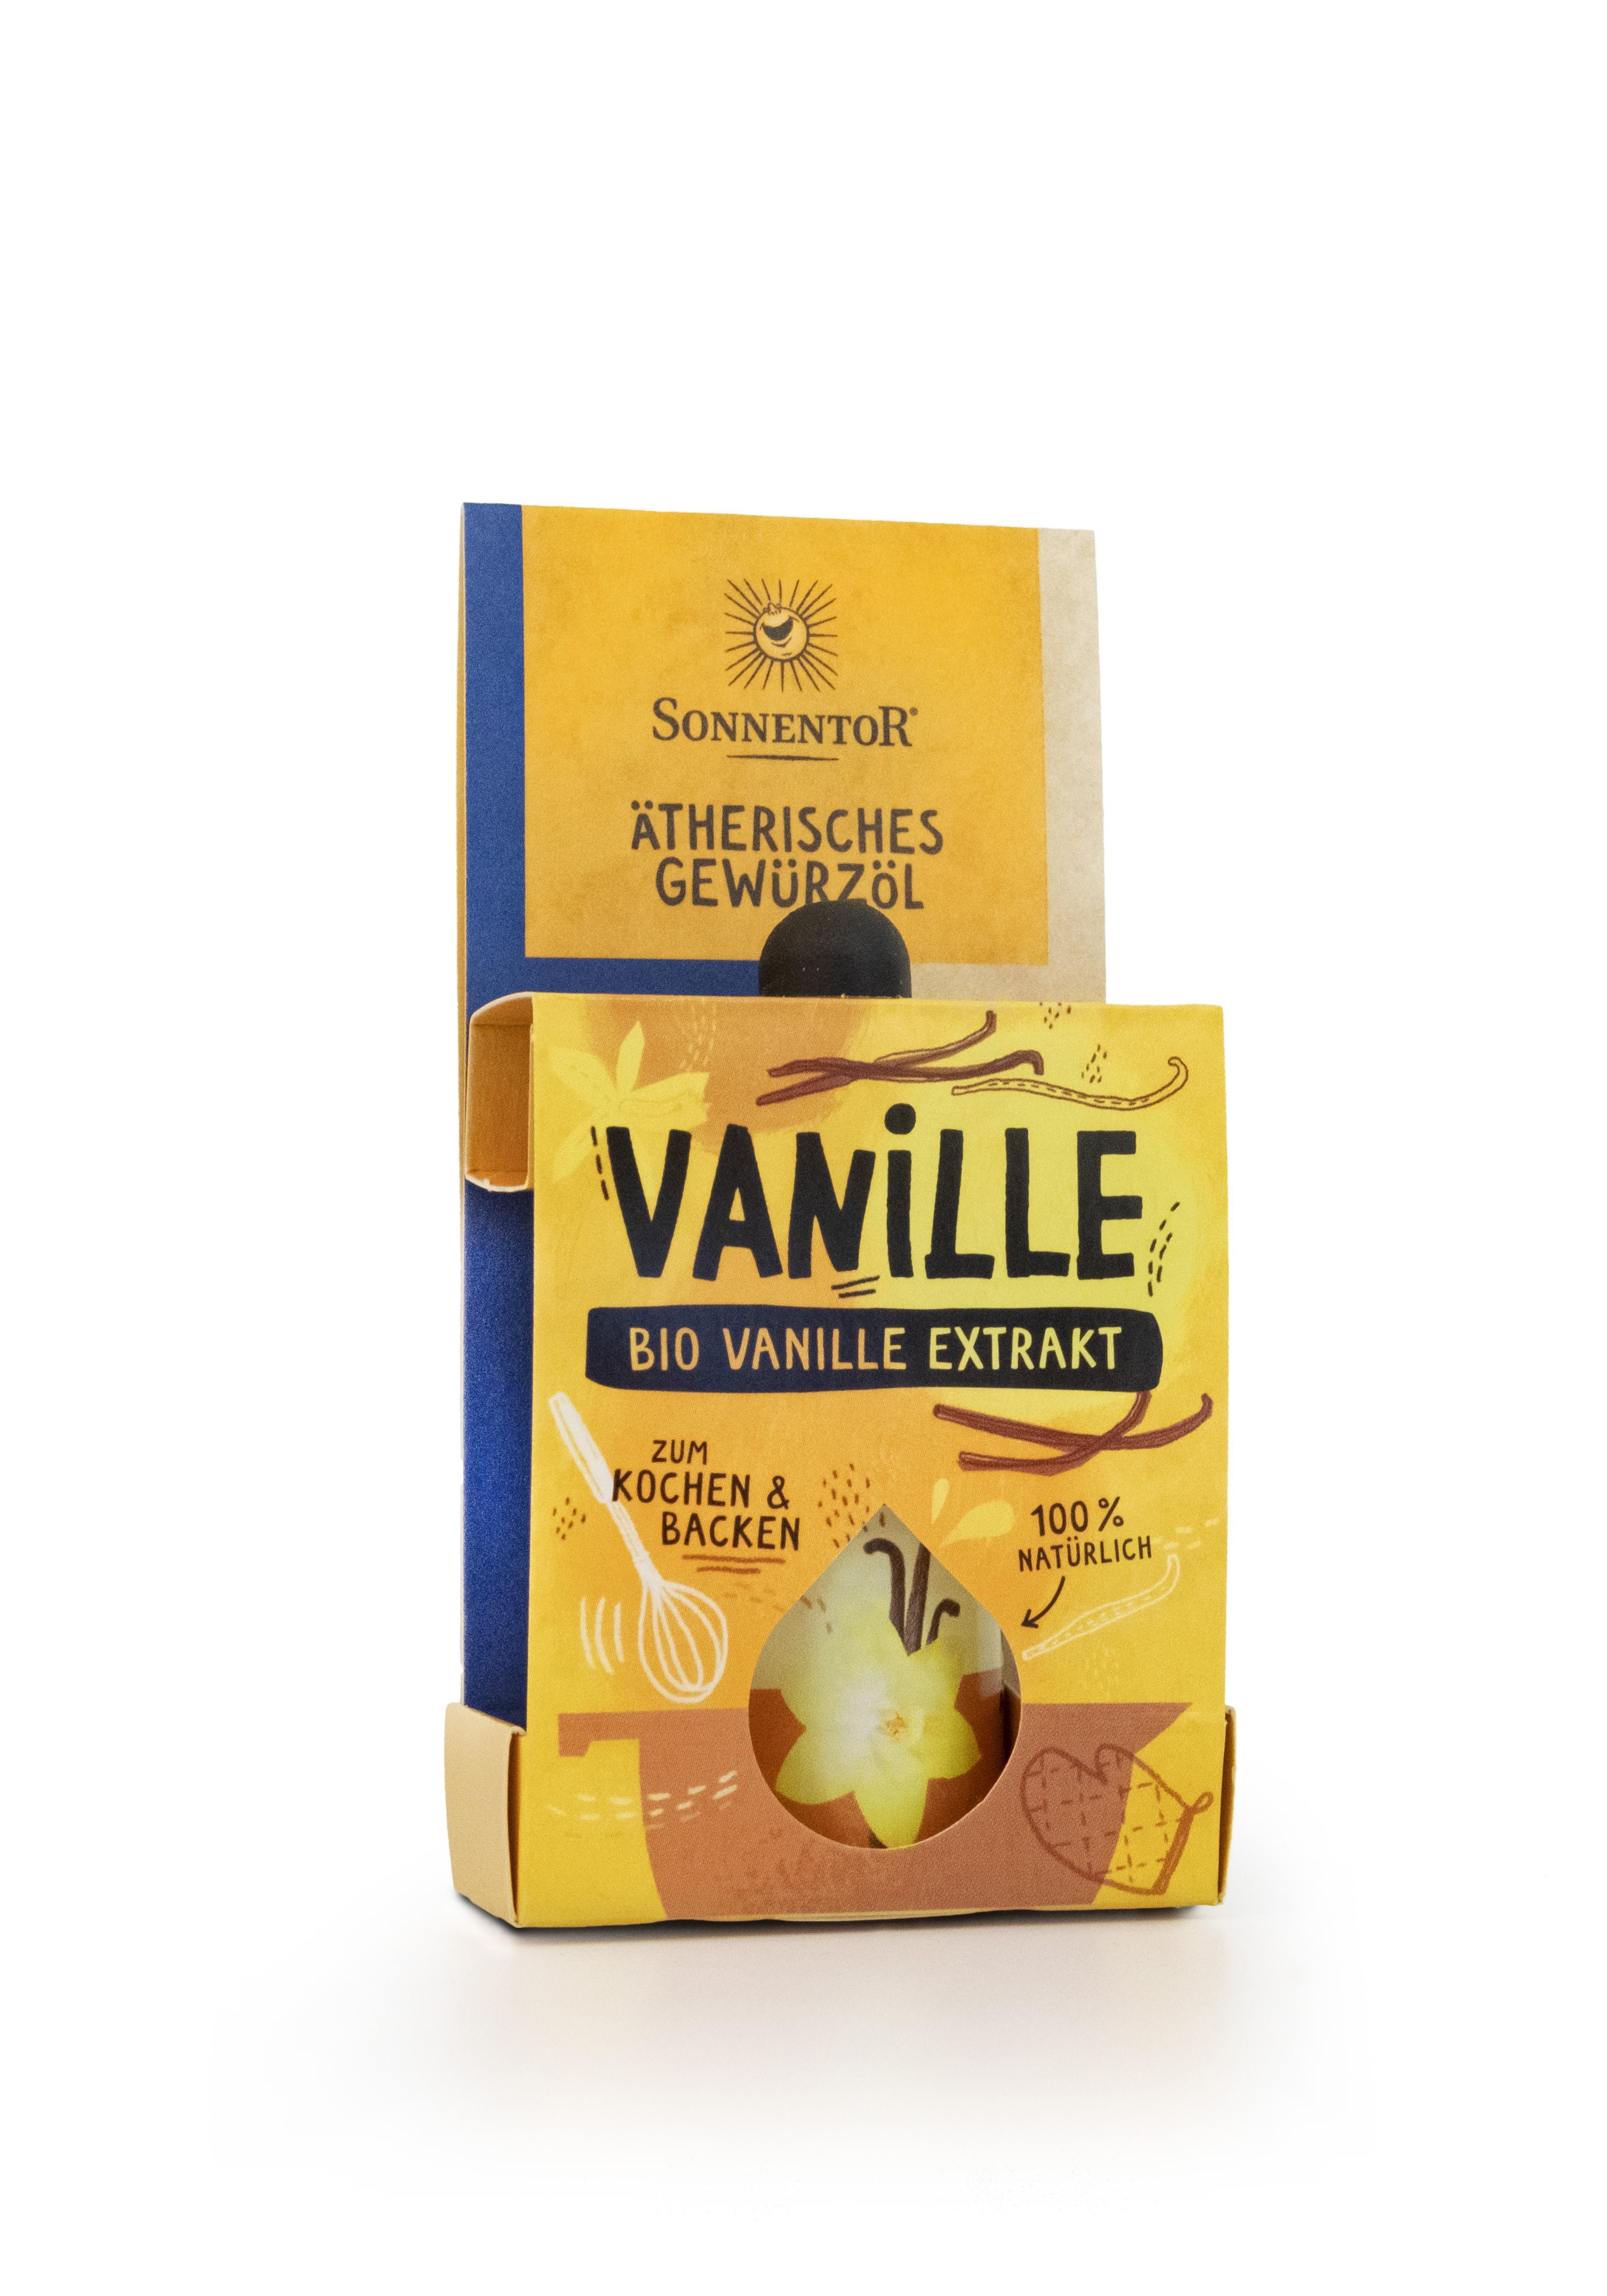 Vanille-Extrakt ätherisches Gewürzöl 4,5ml bio